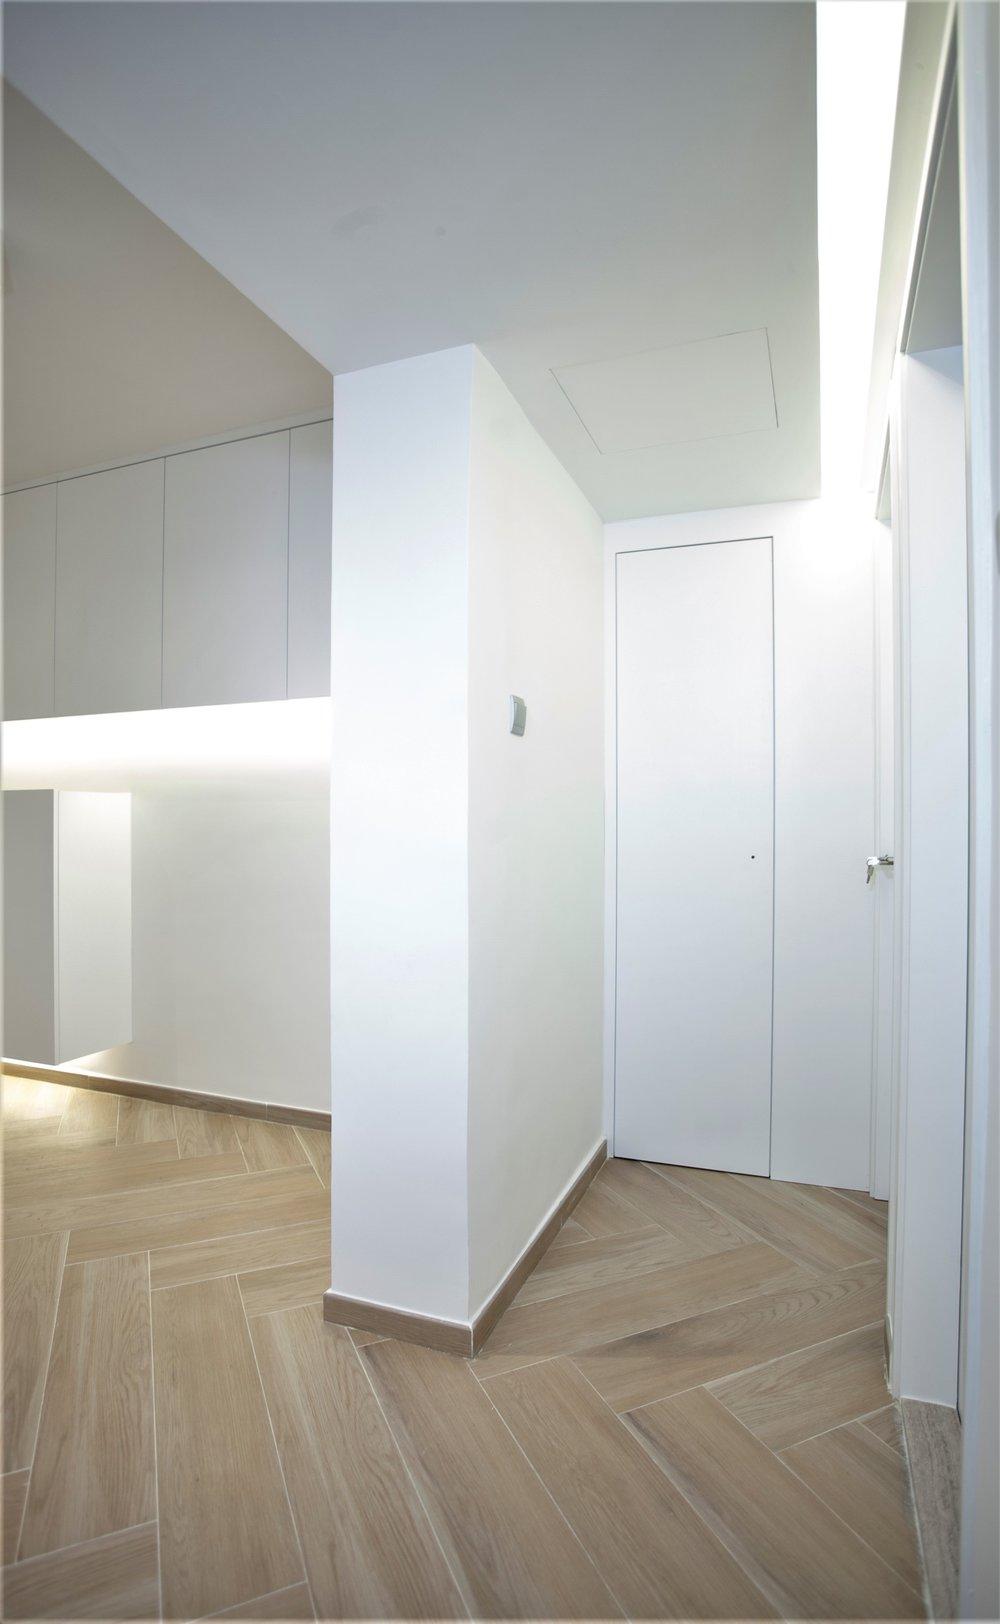 走廊-1 - 複製.JPG